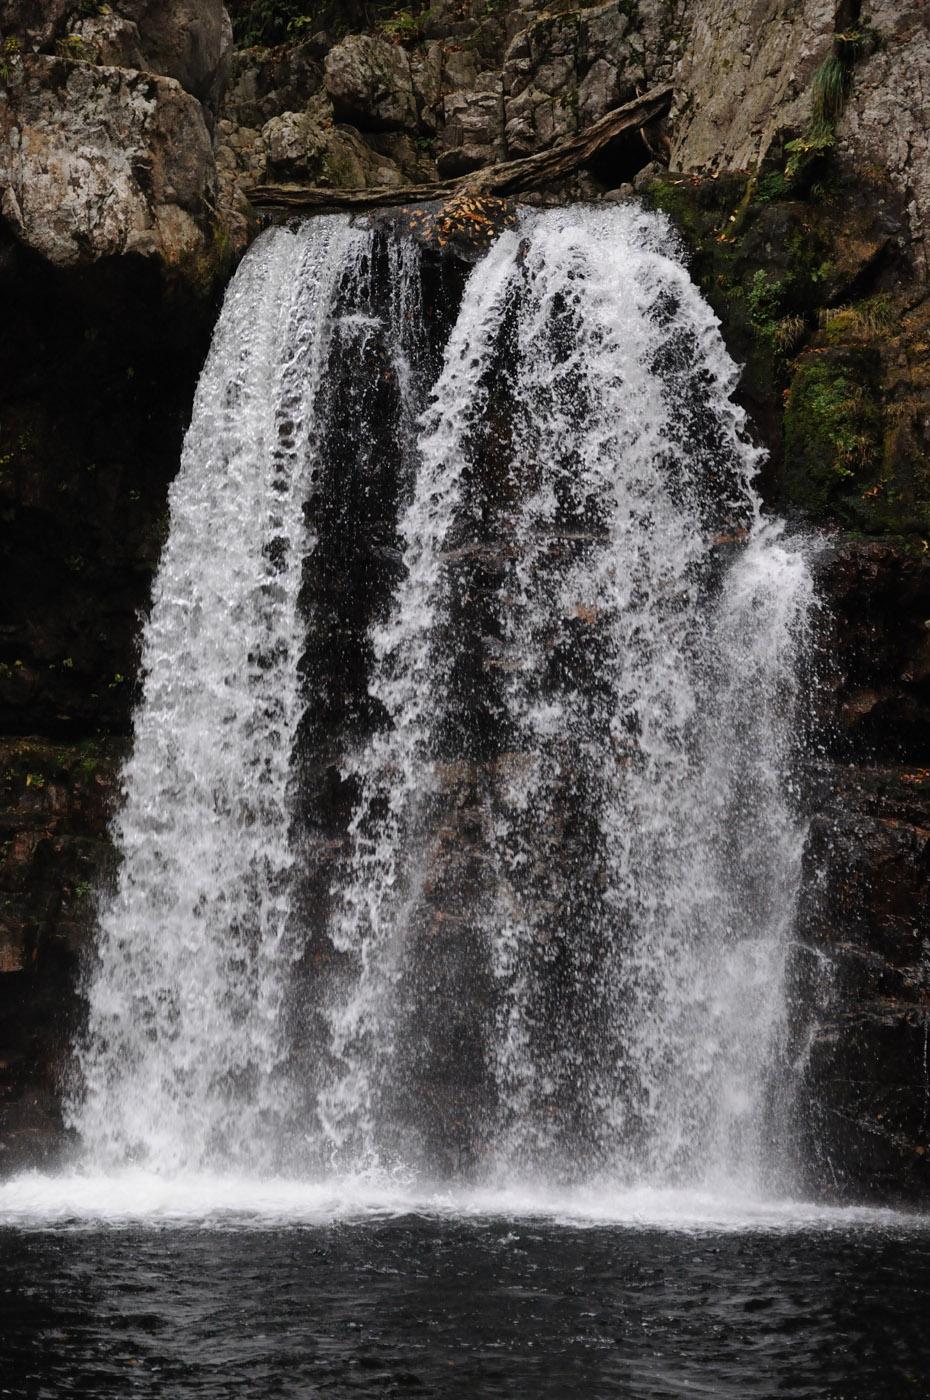 露出時間が1/320秒の滝の写真です